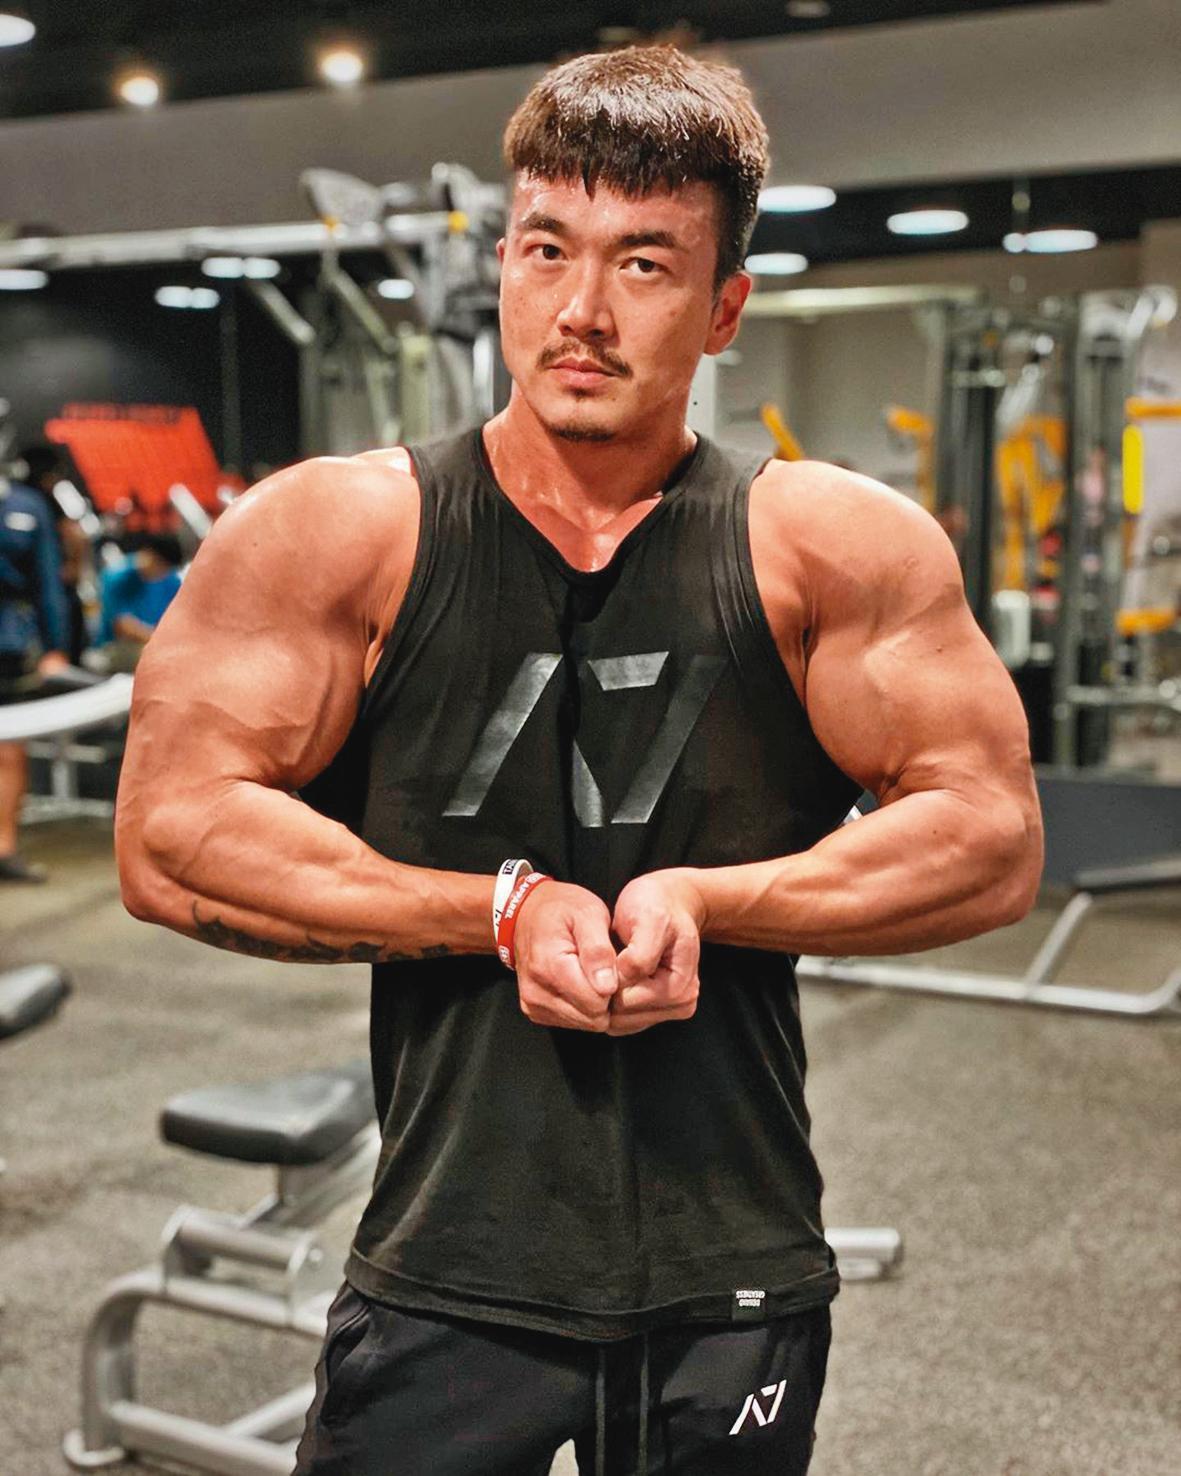 剛出道時,李沛旭曾是伊林最矮又瘦小的「弱雞」,而後他勤健身,成為「筋肉人」。(翻攝自李沛旭IG)